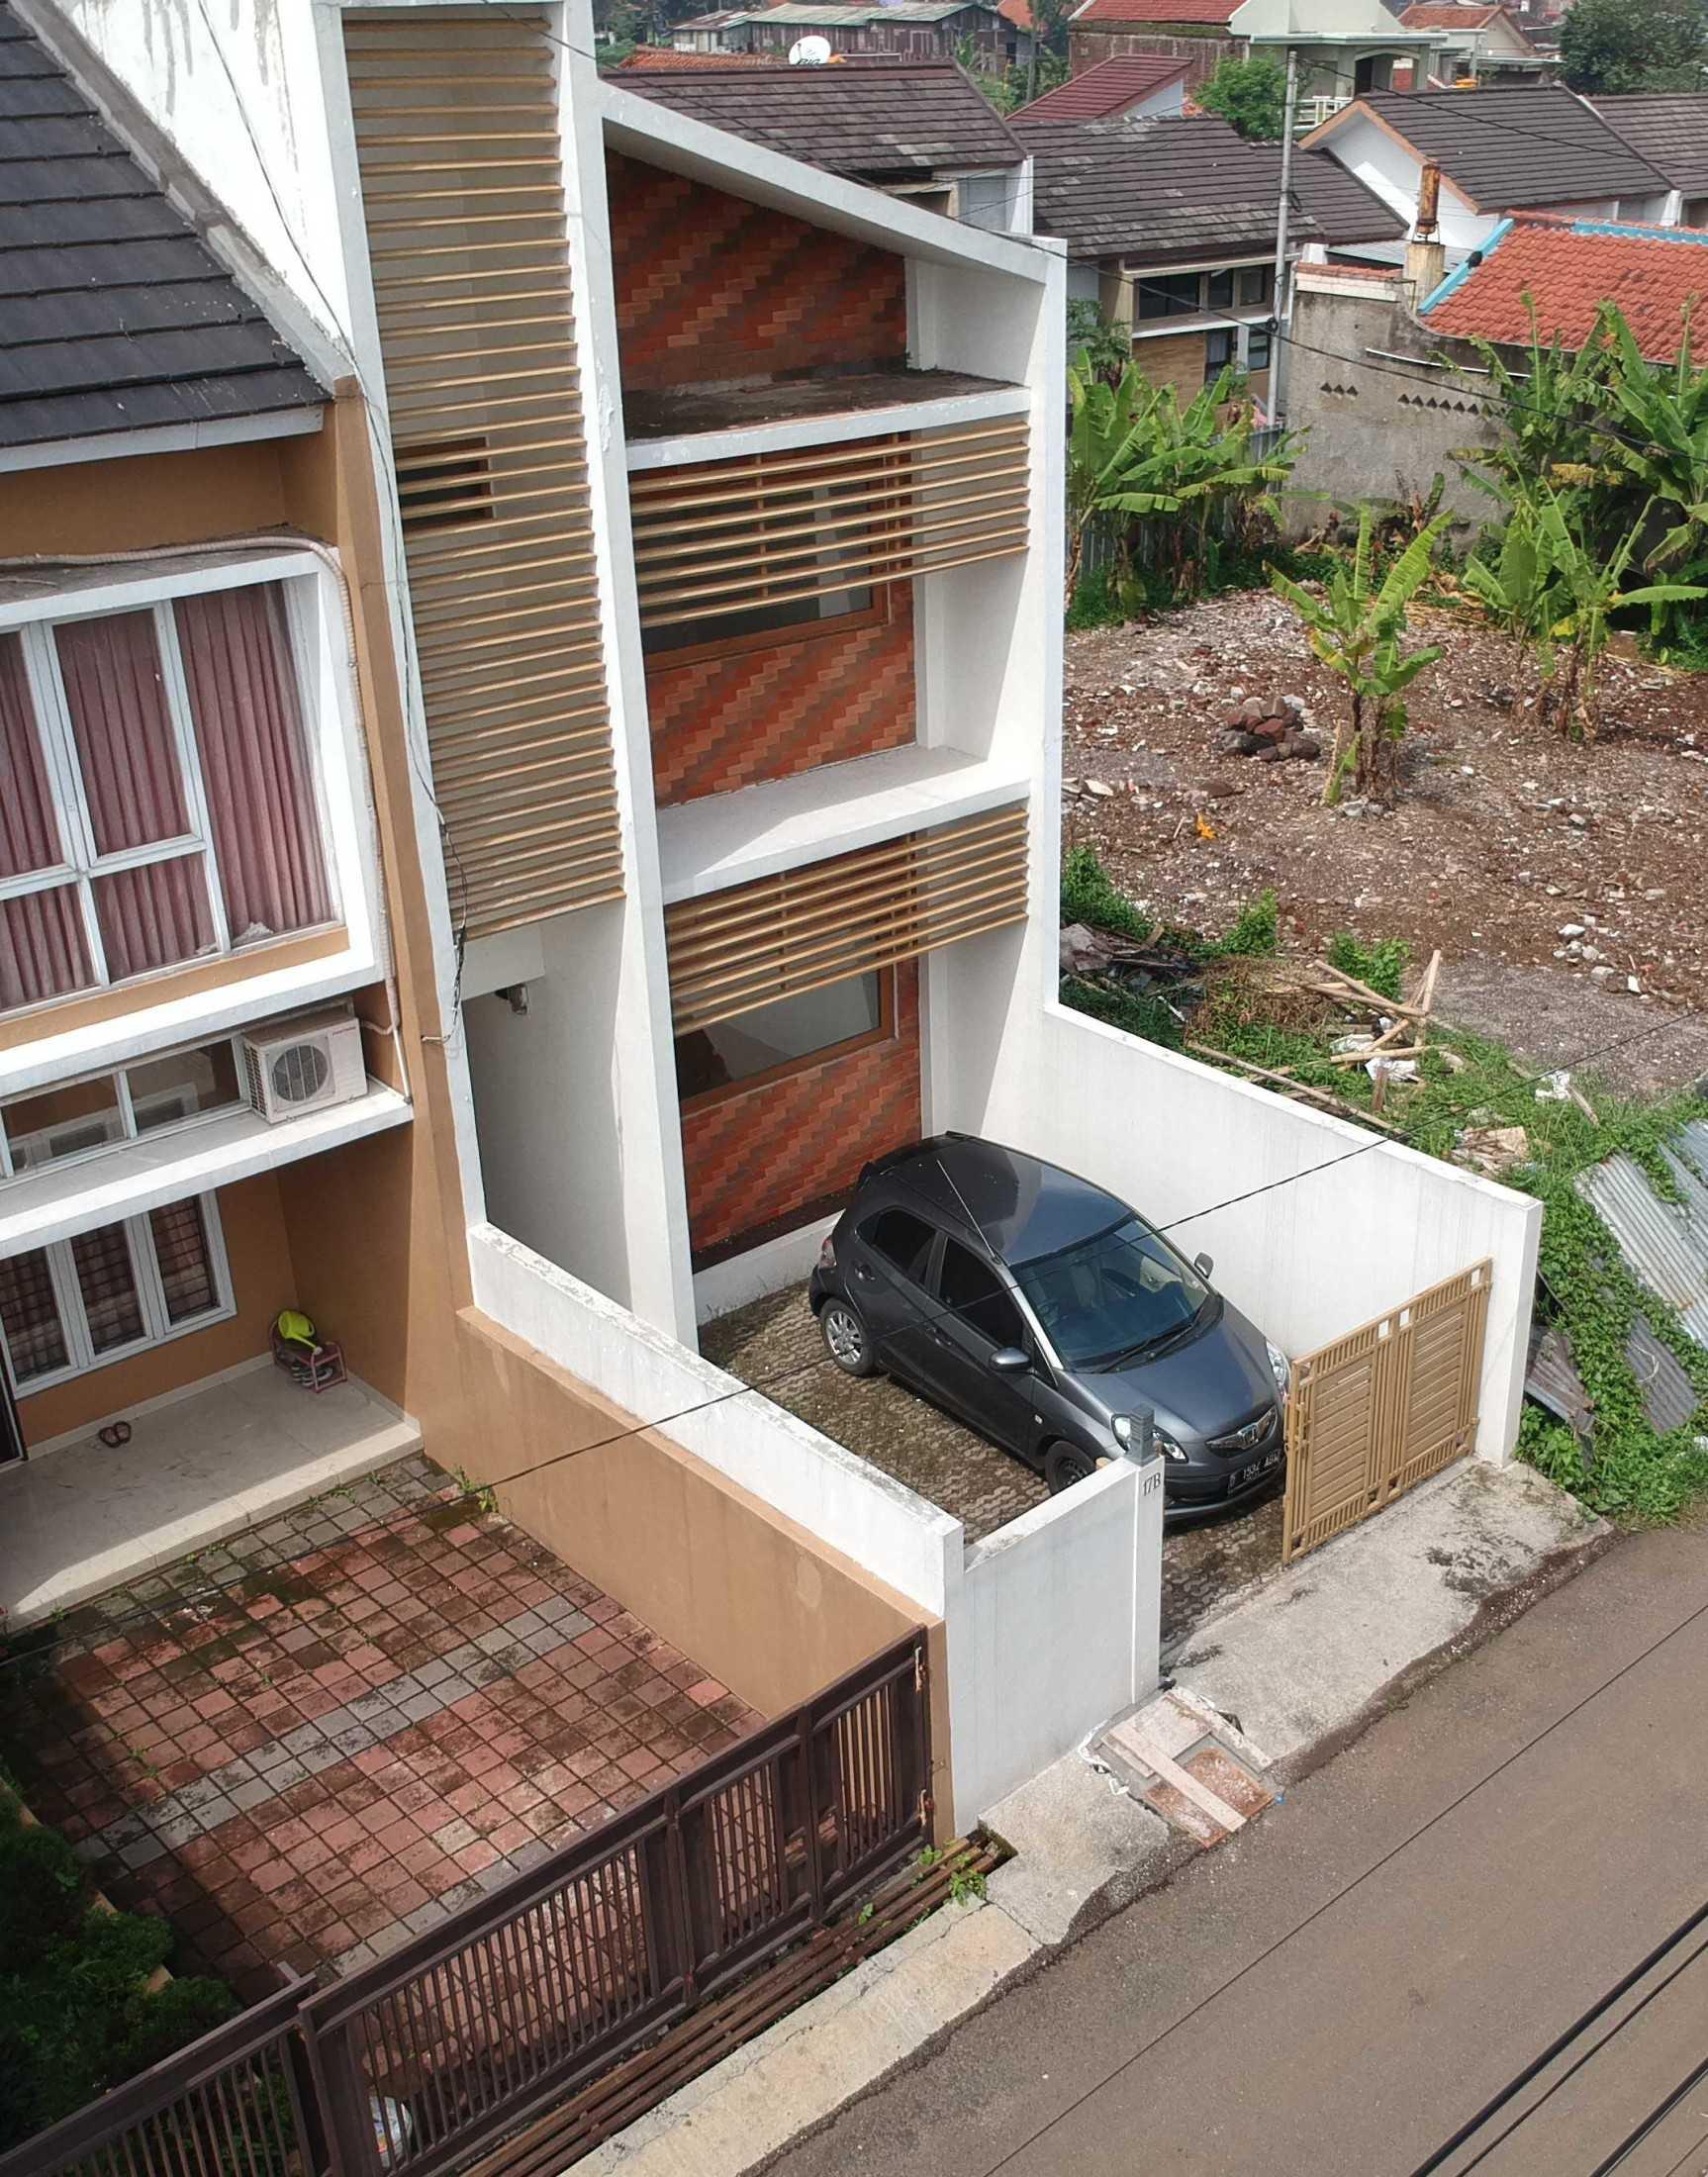 Atelier Budaya Ck House Cisaranten Kulon, Kec. Arcamanik, Kota Bandung, Jawa Barat, Indonesia Cisaranten Kulon, Kec. Arcamanik, Kota Bandung, Jawa Barat, Indonesia Aerial View Modern 79725